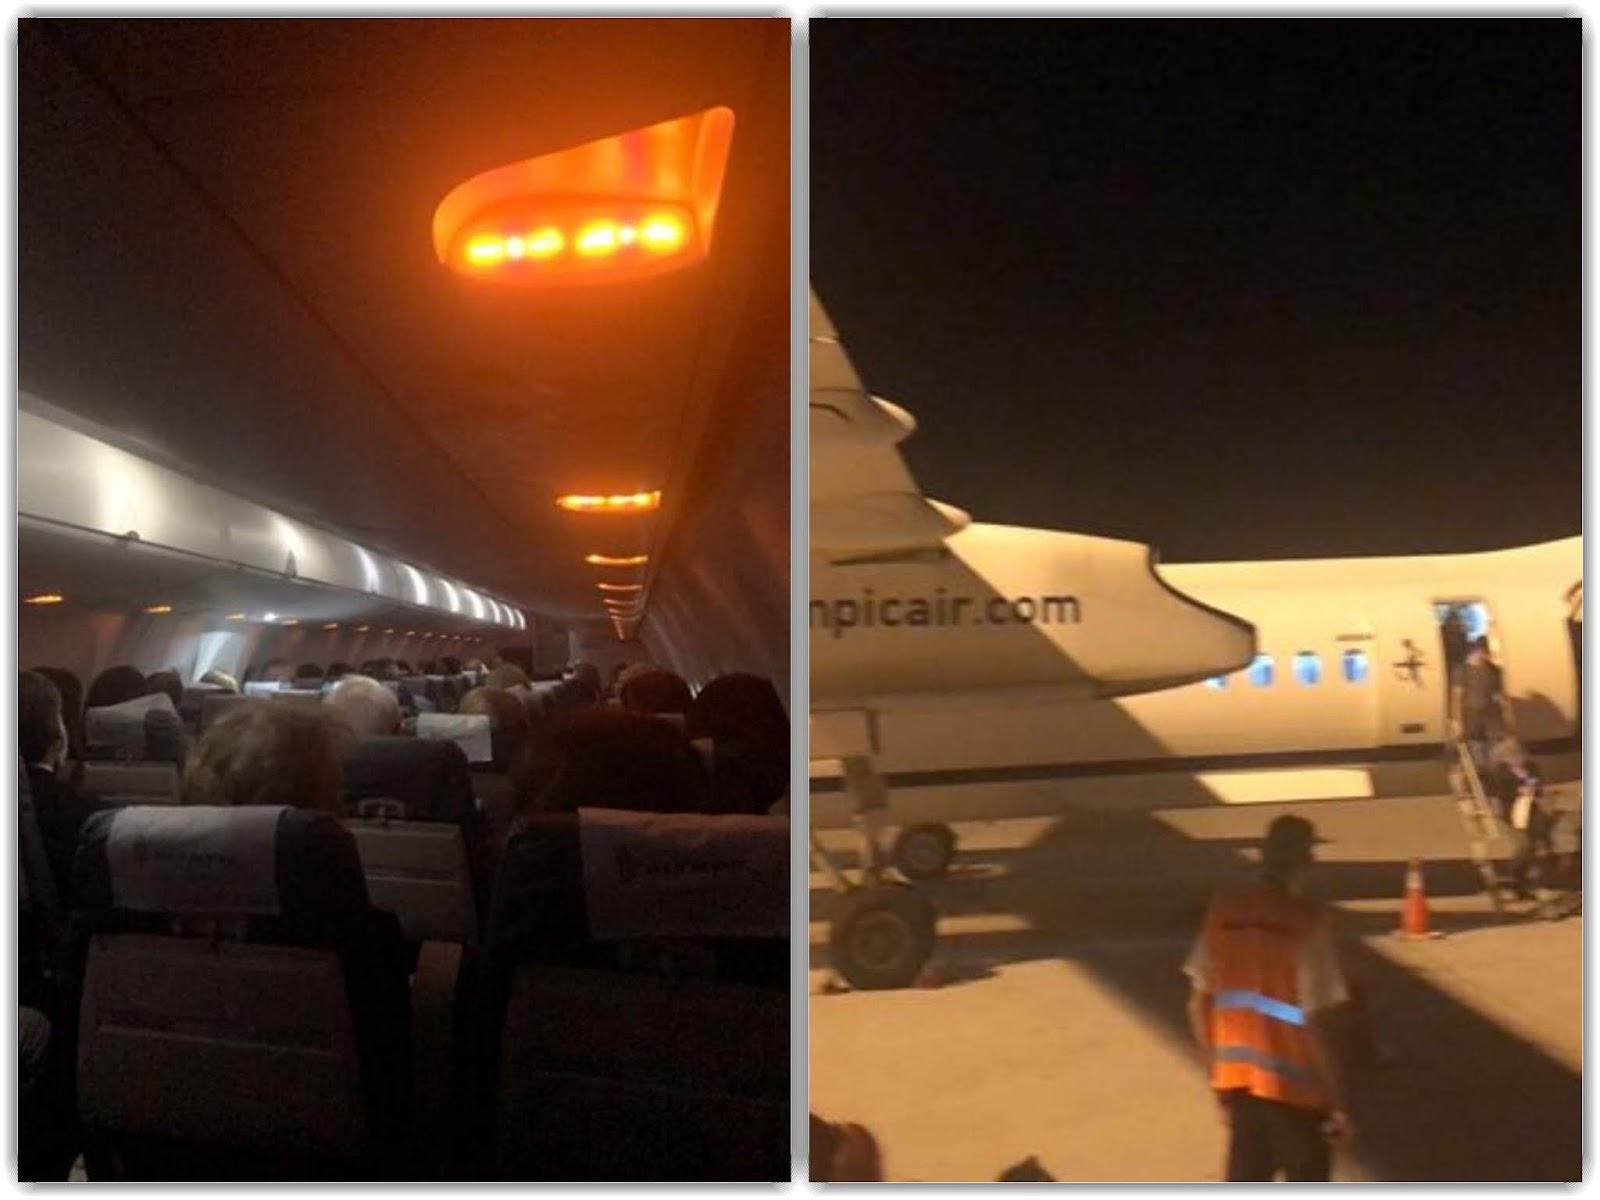 Καιρός: Αεροσκάφος δεν κατάφερε να προσγειωθεί στο αεροδρόμιο Ιωαννίνων